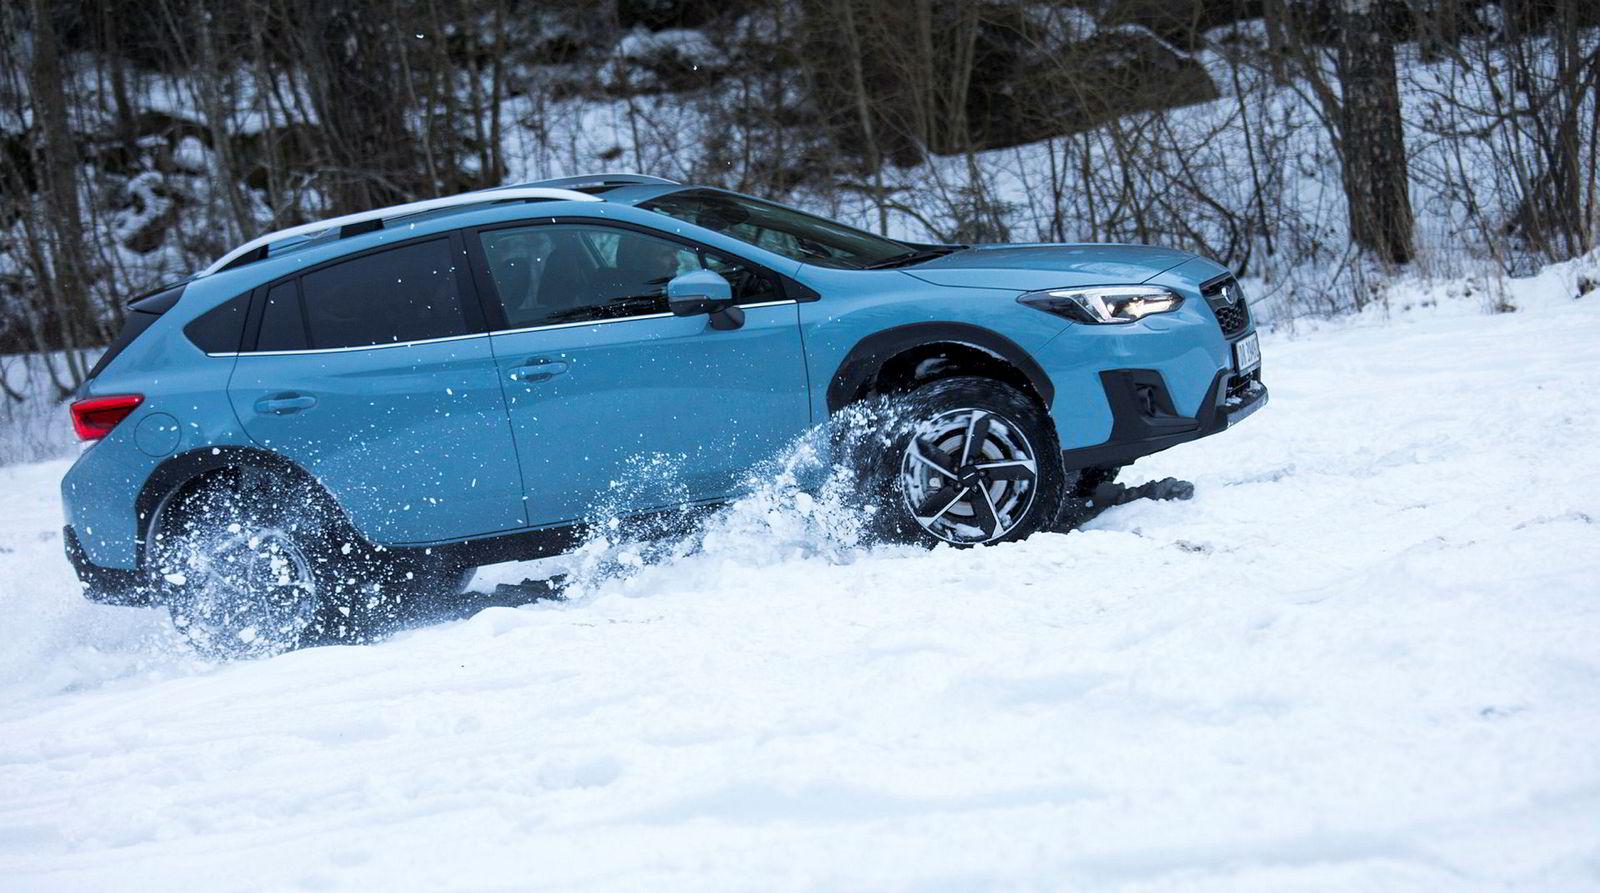 Firehjulsdrift, og ikke minst, høy bakkeklaring er en velsignelse når snøen laver ned i store deler av landet.